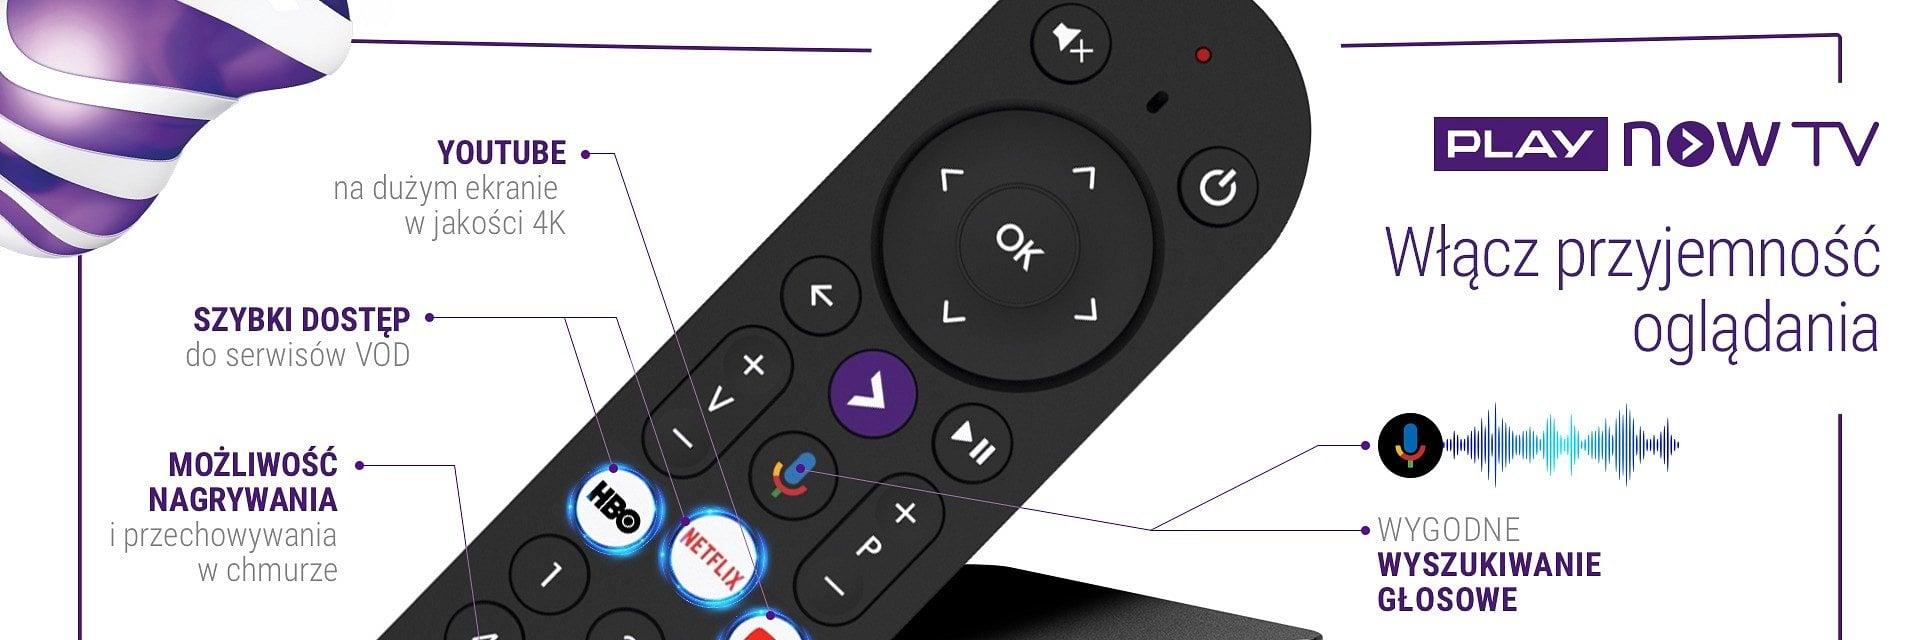 Telewizja Play Now TV rusza oficjalnie. Zapewnia obsługę VoD i tradycyjnej telewizji z jednego miejsca